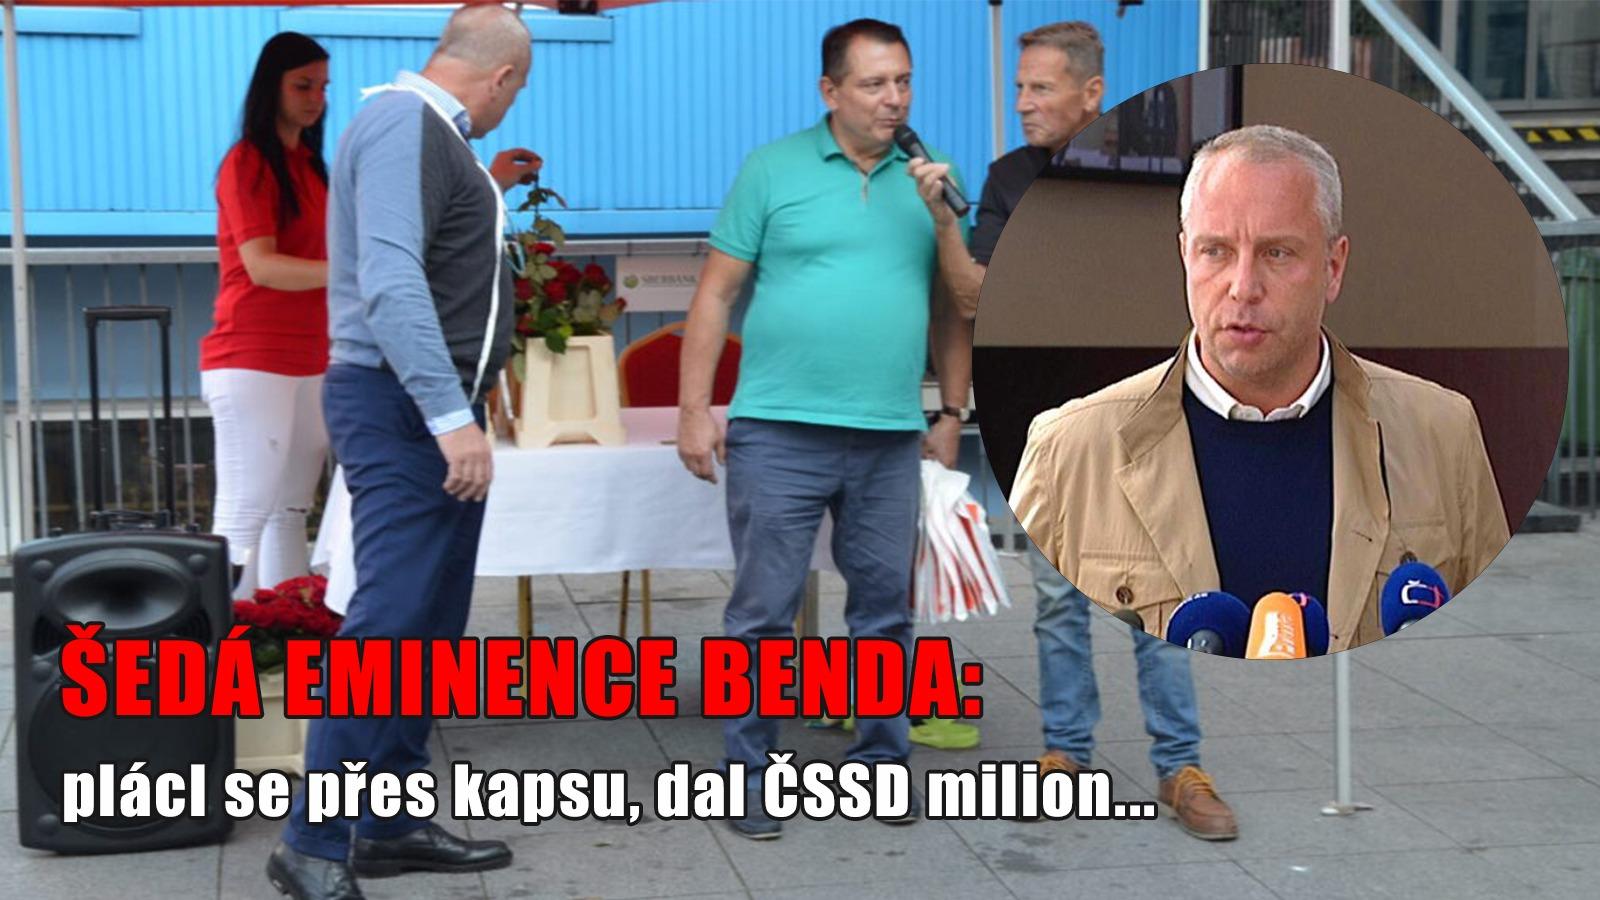 Místo na kandidátce ČSSD za milion korun! Benda ho zaplatil a raději mlčí